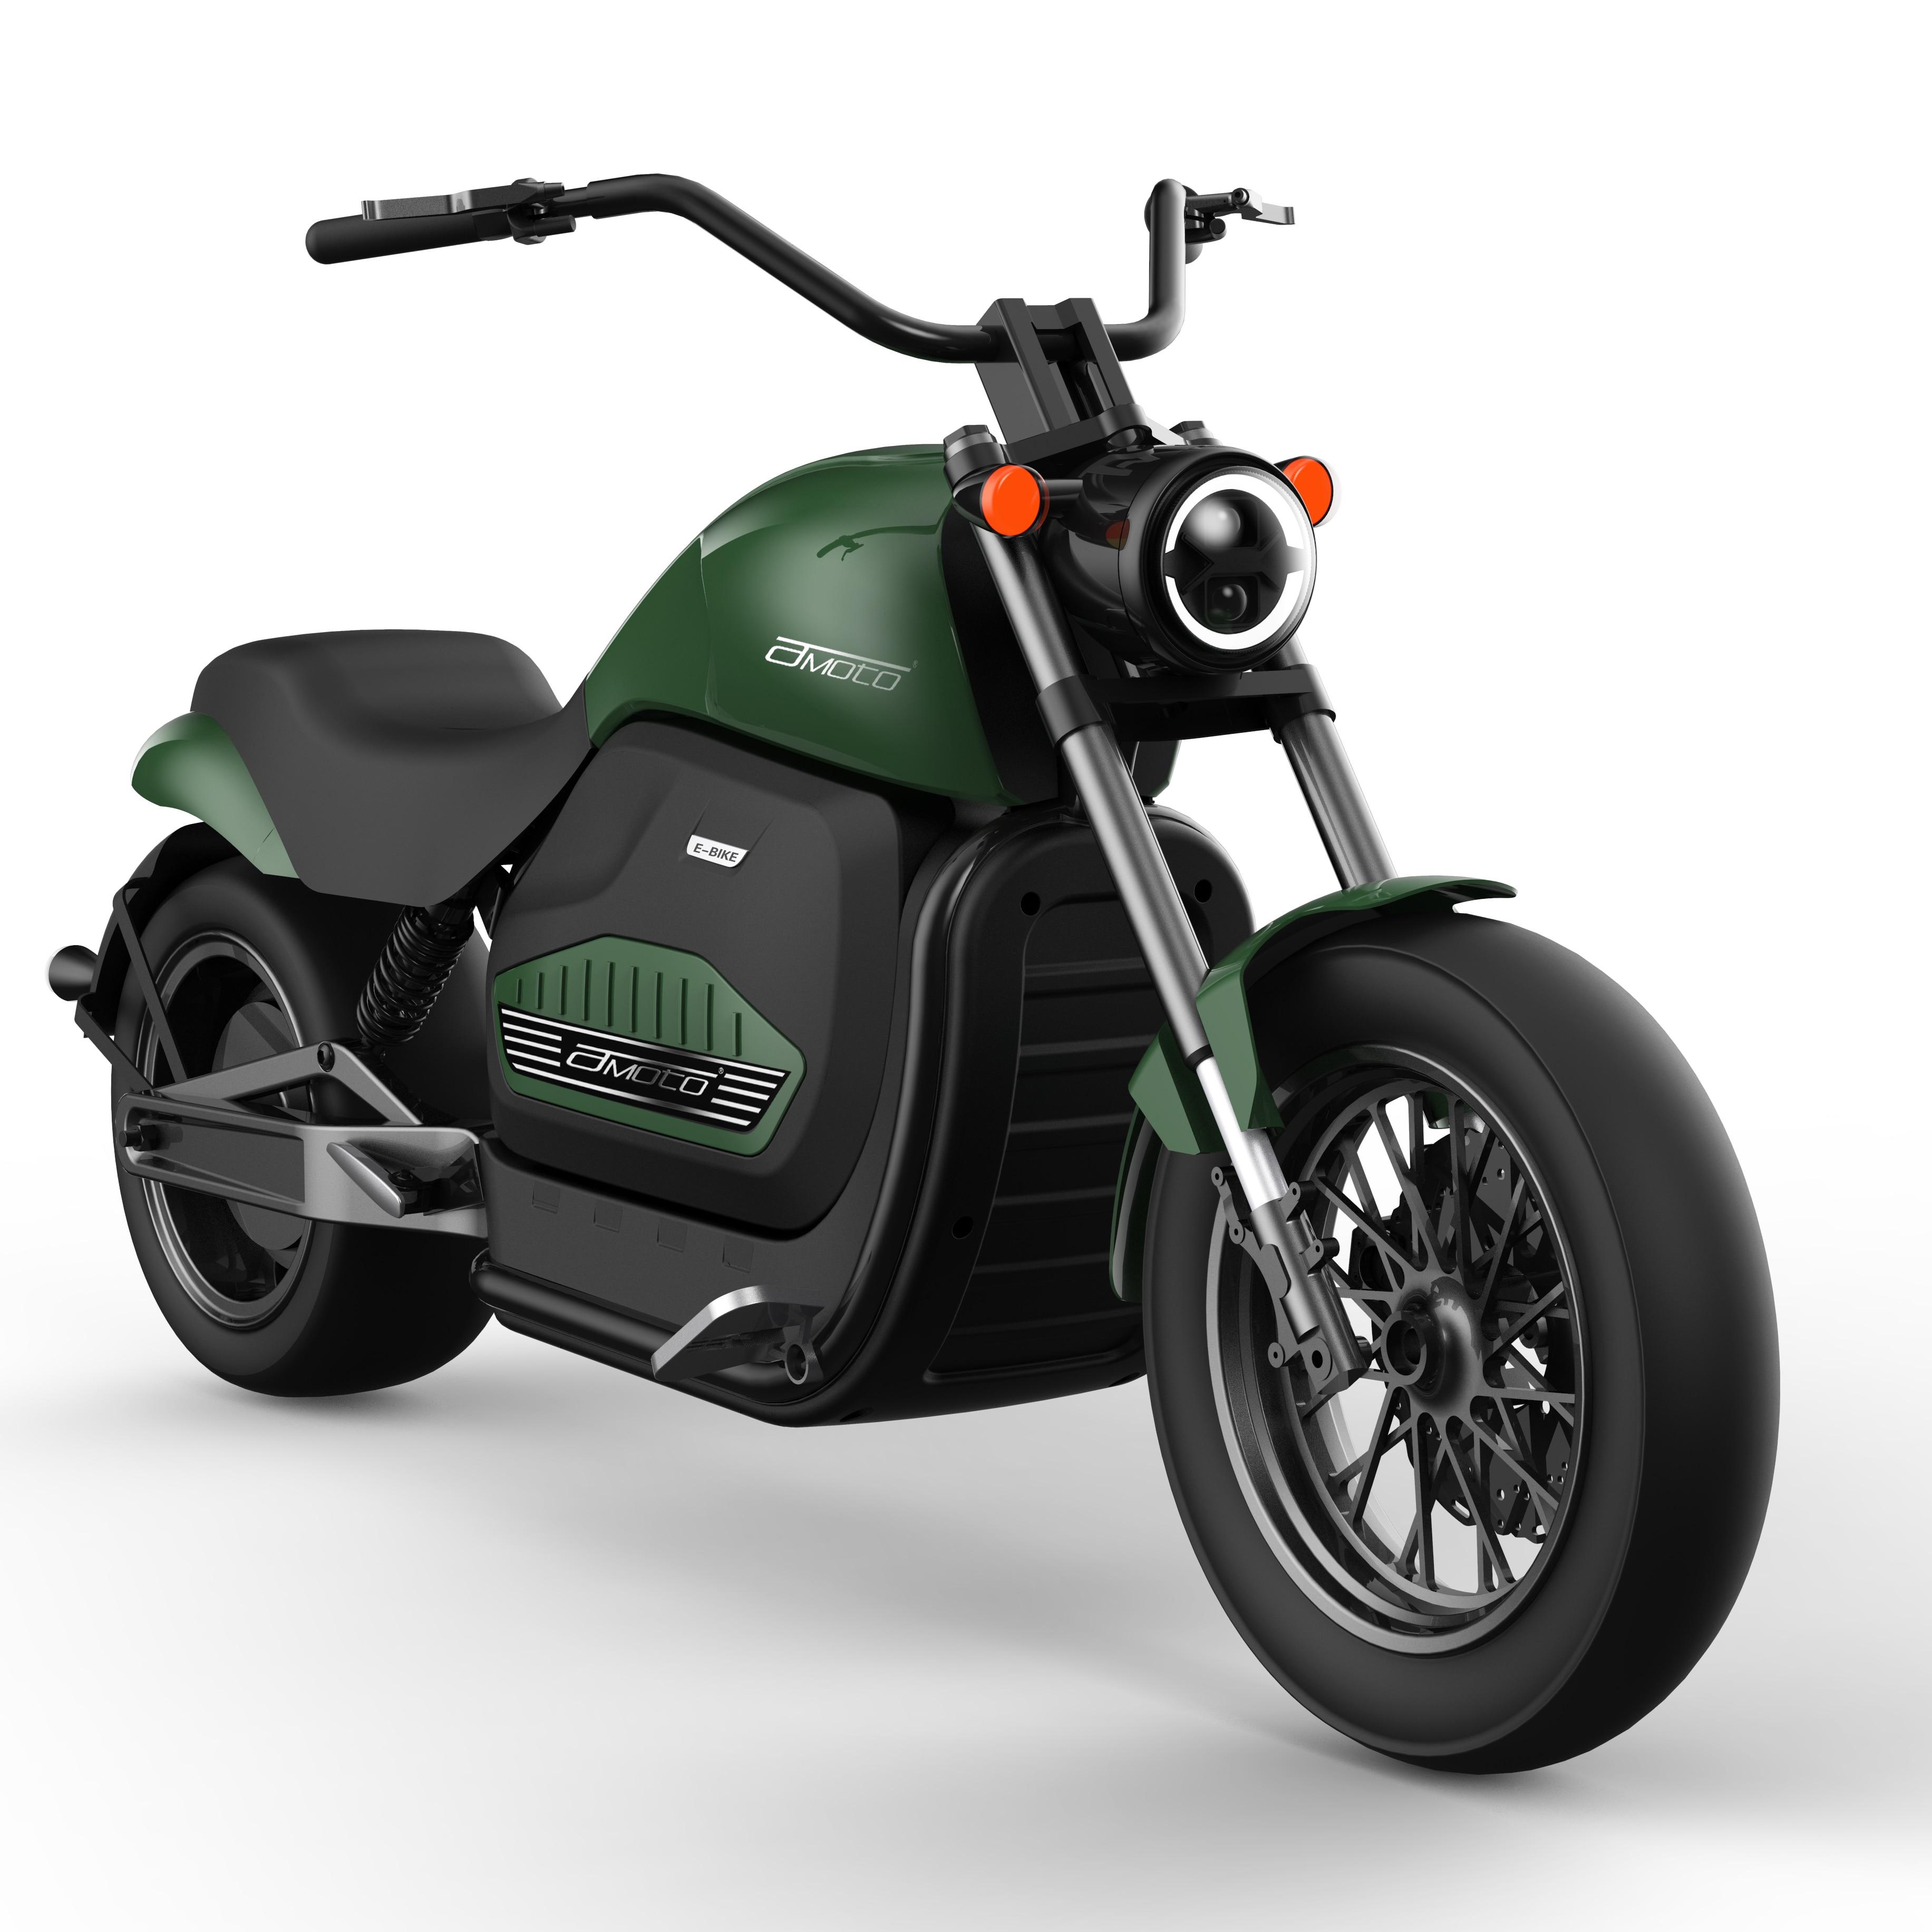 Электрический скутер Citycoco, новый дизайн, 2000 Вт, 3000 Вт, 60 В, 20 Ач/30 Ач, для взрослых, большие колеса, мотоцикл, Электрический скутер, батарея, мот...